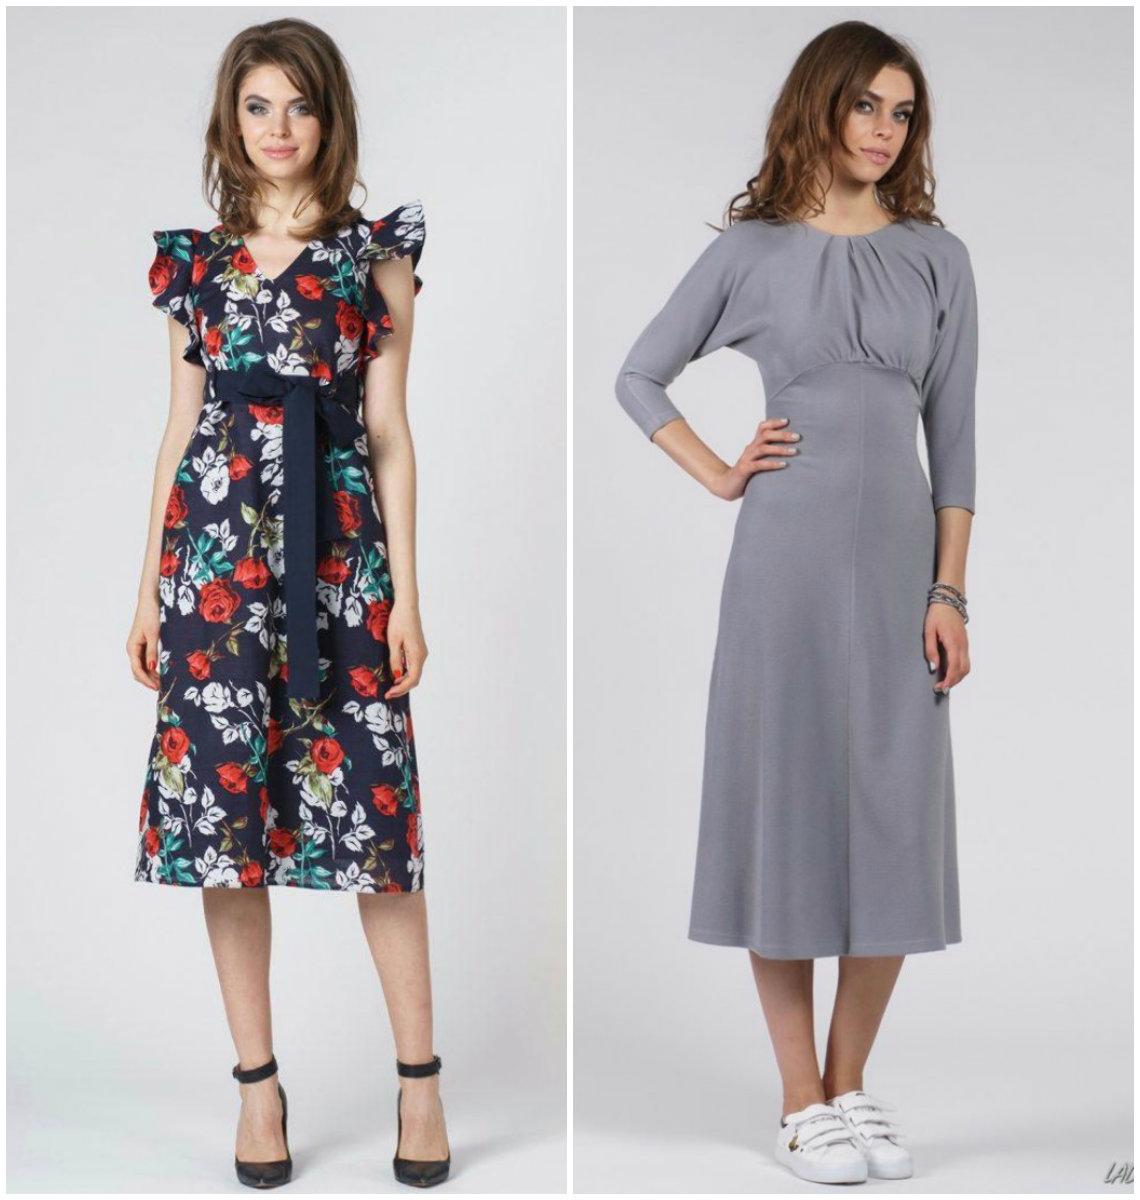 Фасоны платьев 2019: модели на каждый день